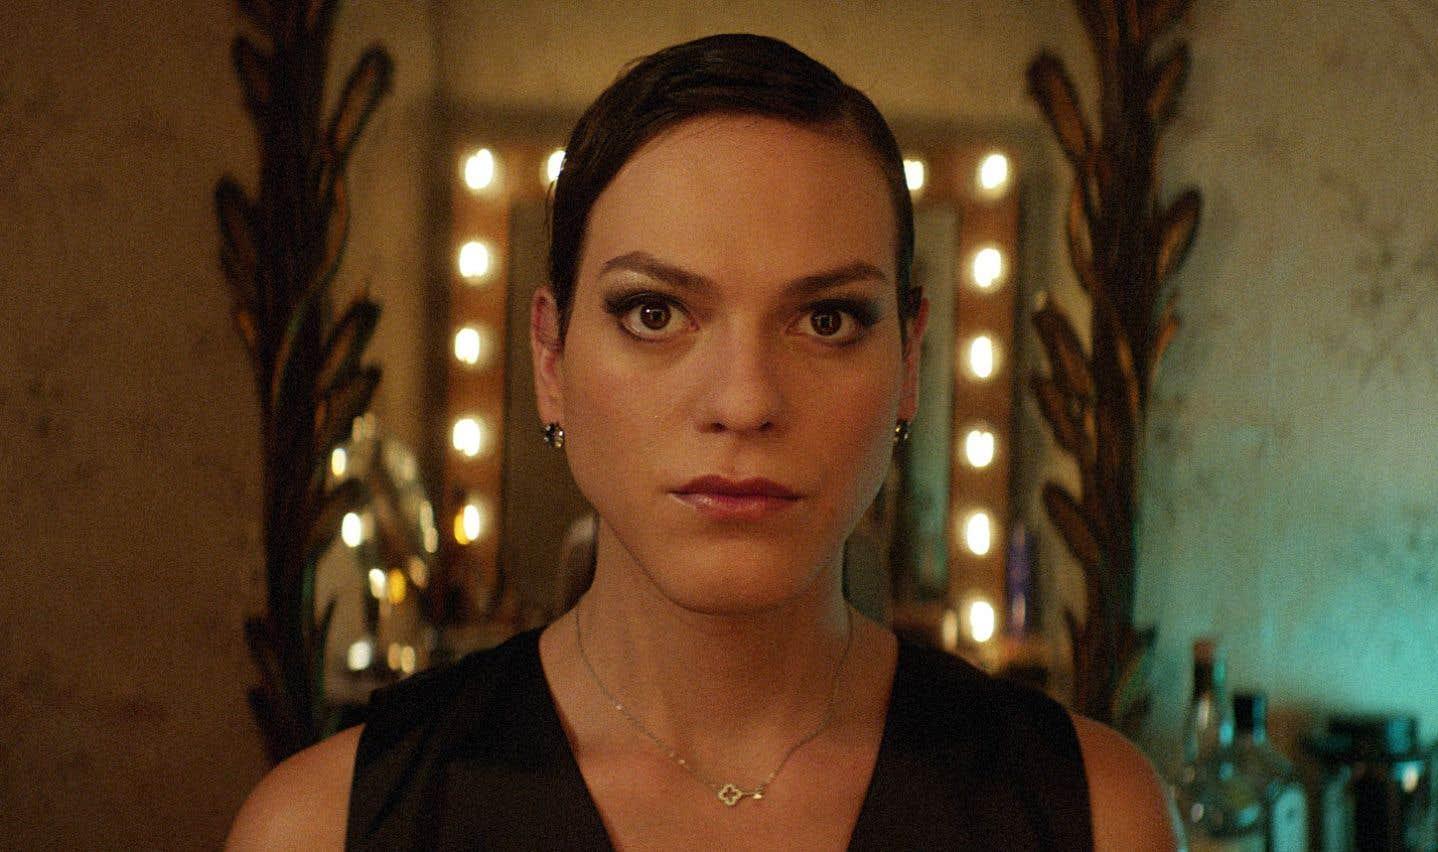 La rencontre entre le réalisateur et Daniela Vega, l'interprète du personnage de Marina, fut décisive.